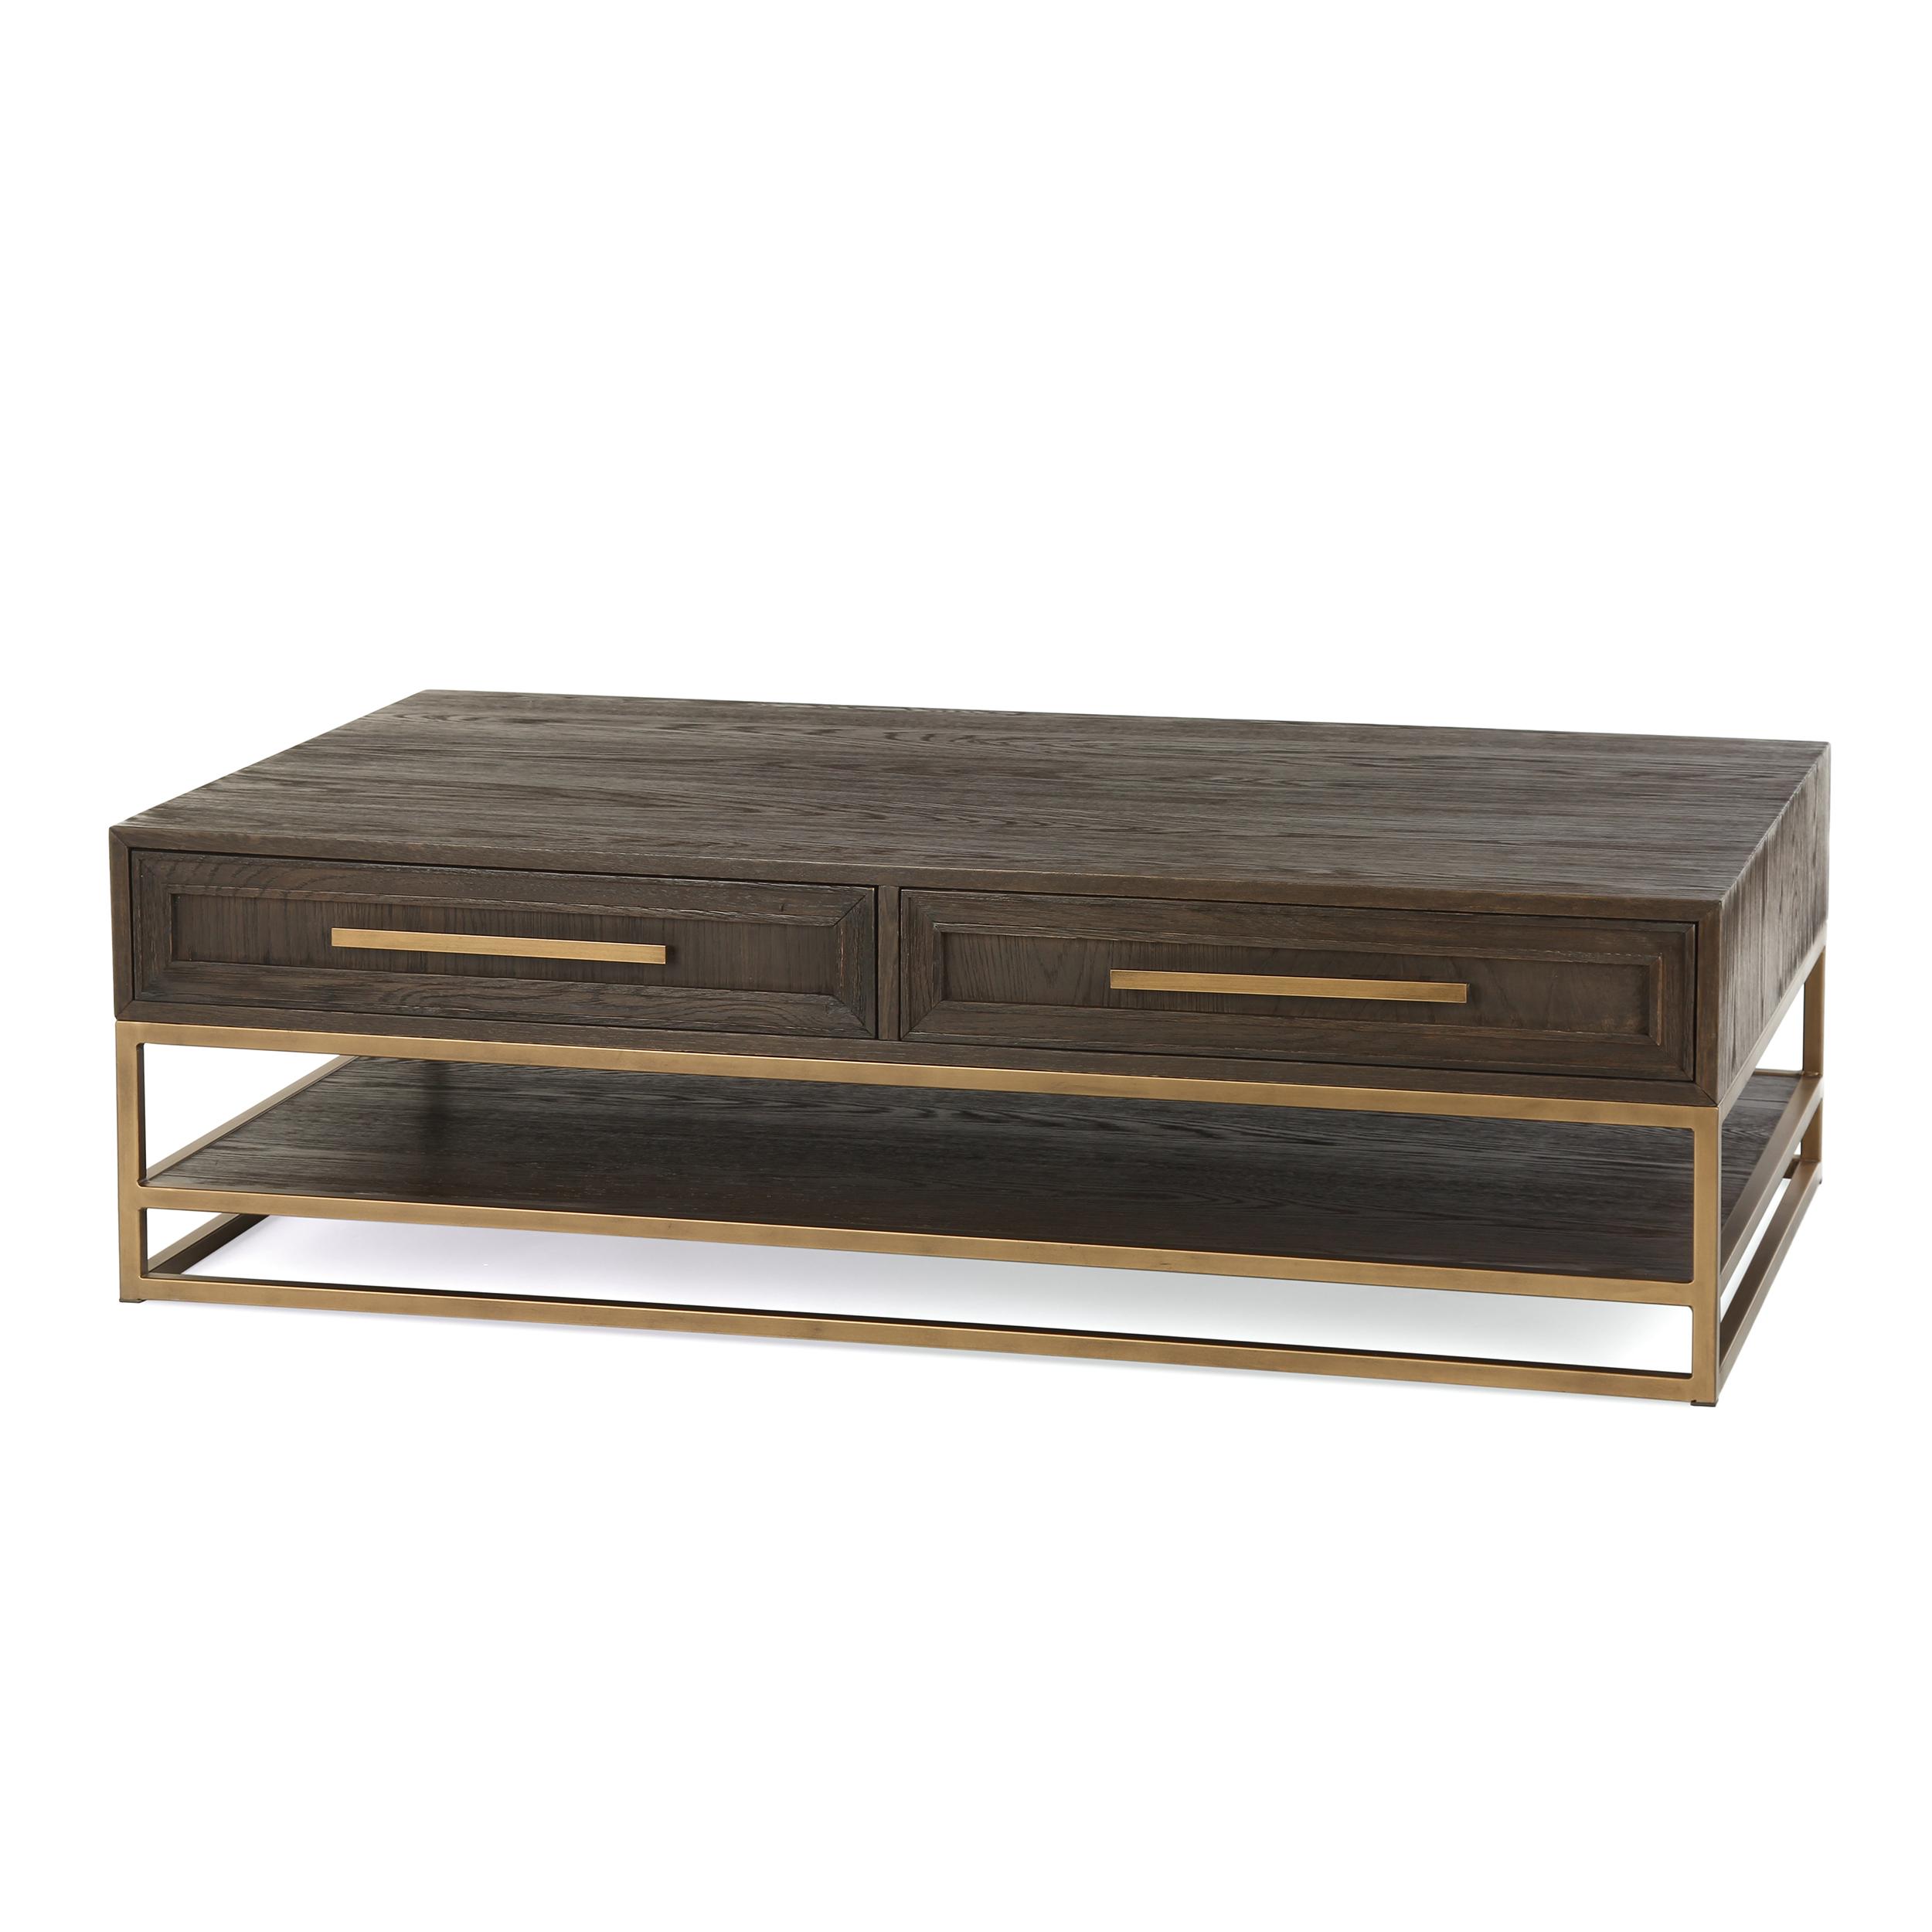 Купить Кофейный стол Bullard из массива дуба, inmyroom, Китай